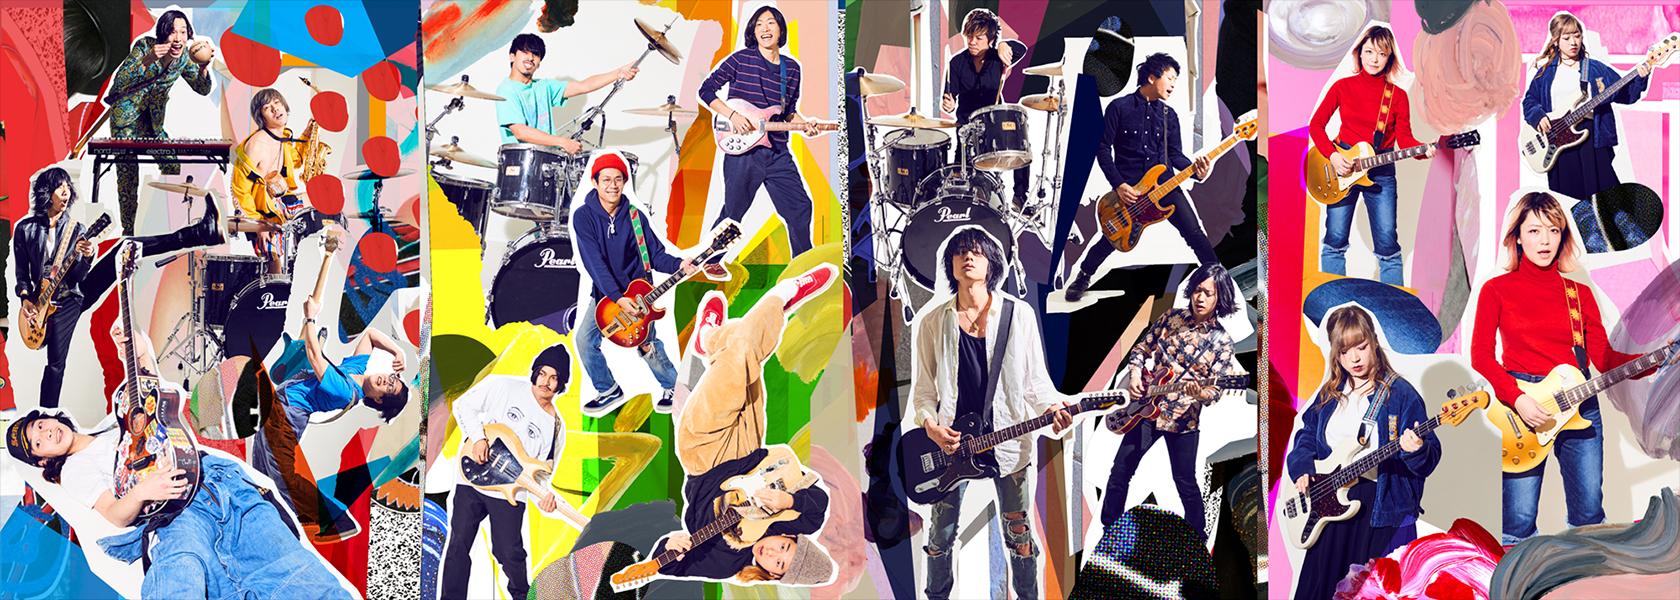 スペースシャワー列伝 特別上映会 ~JAPAN TOUR編~